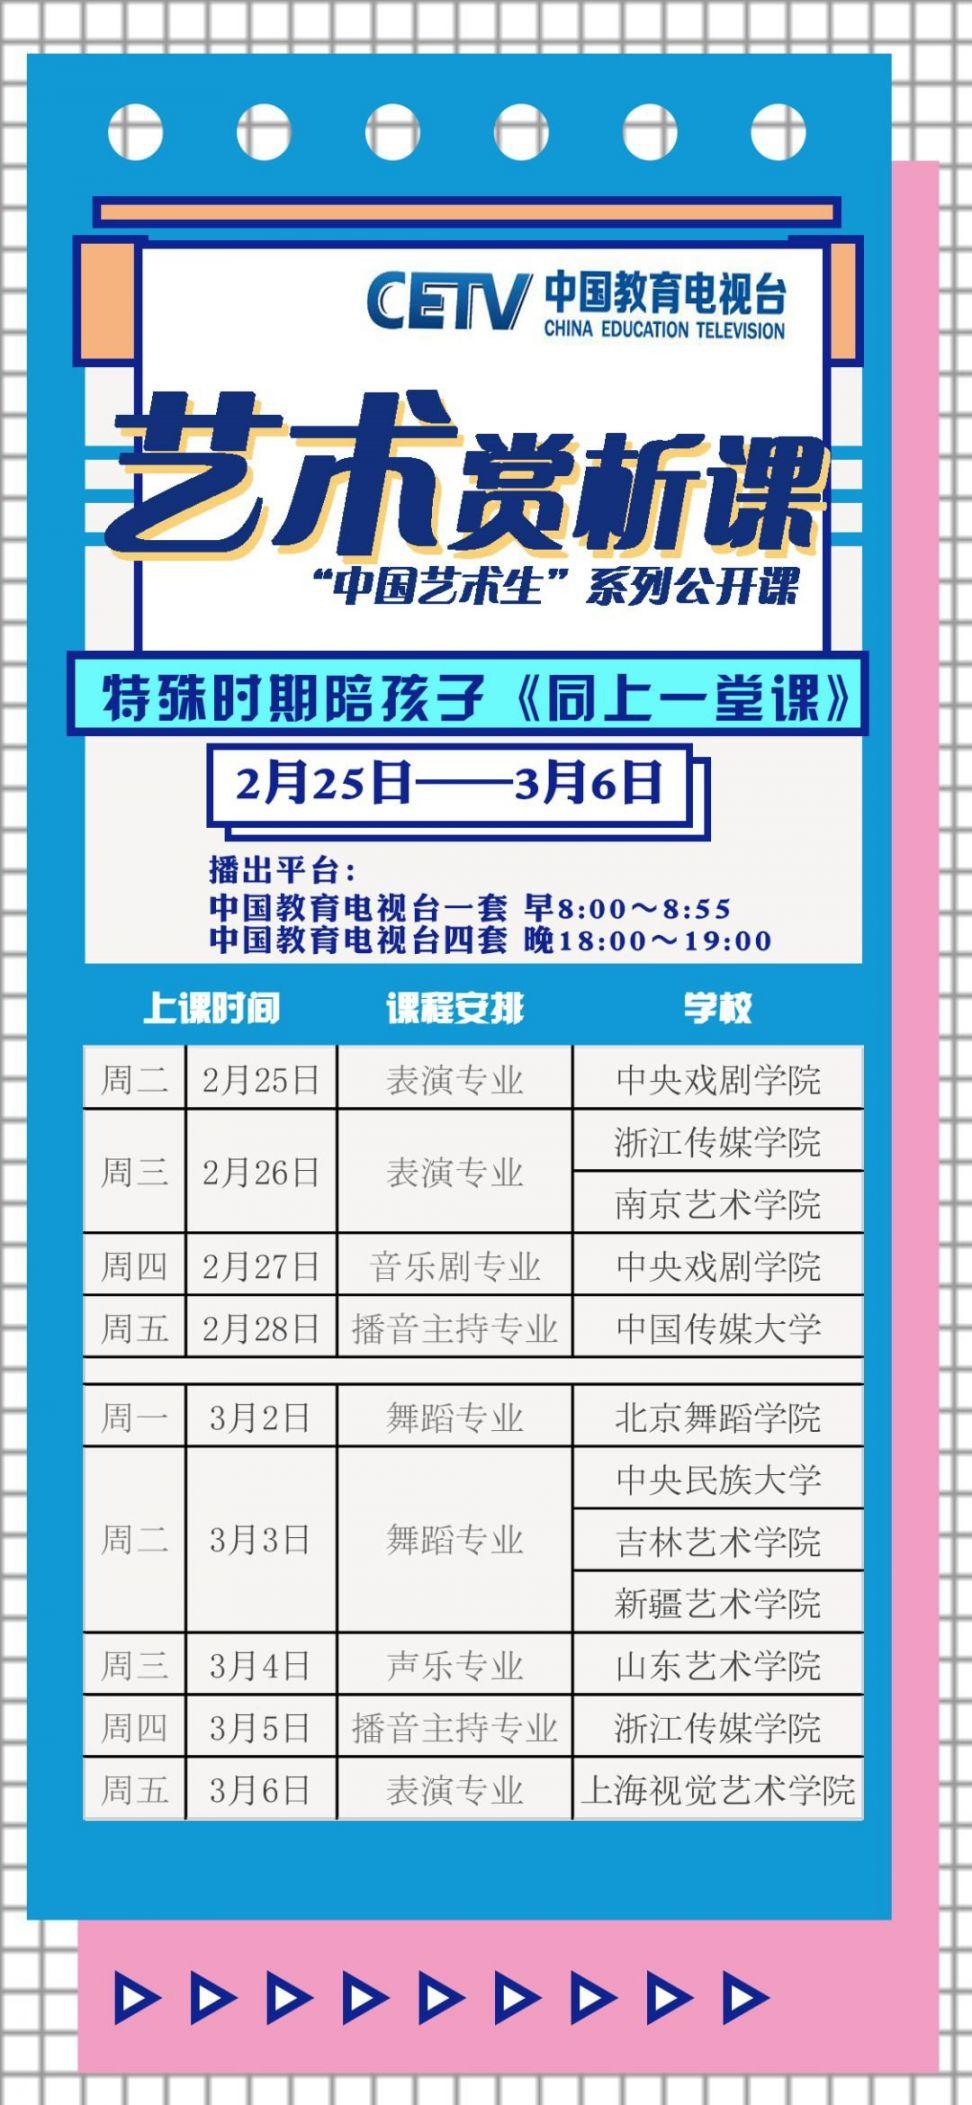 同上一堂课中国艺术生系列公开课(直播时间+平台+课程表)